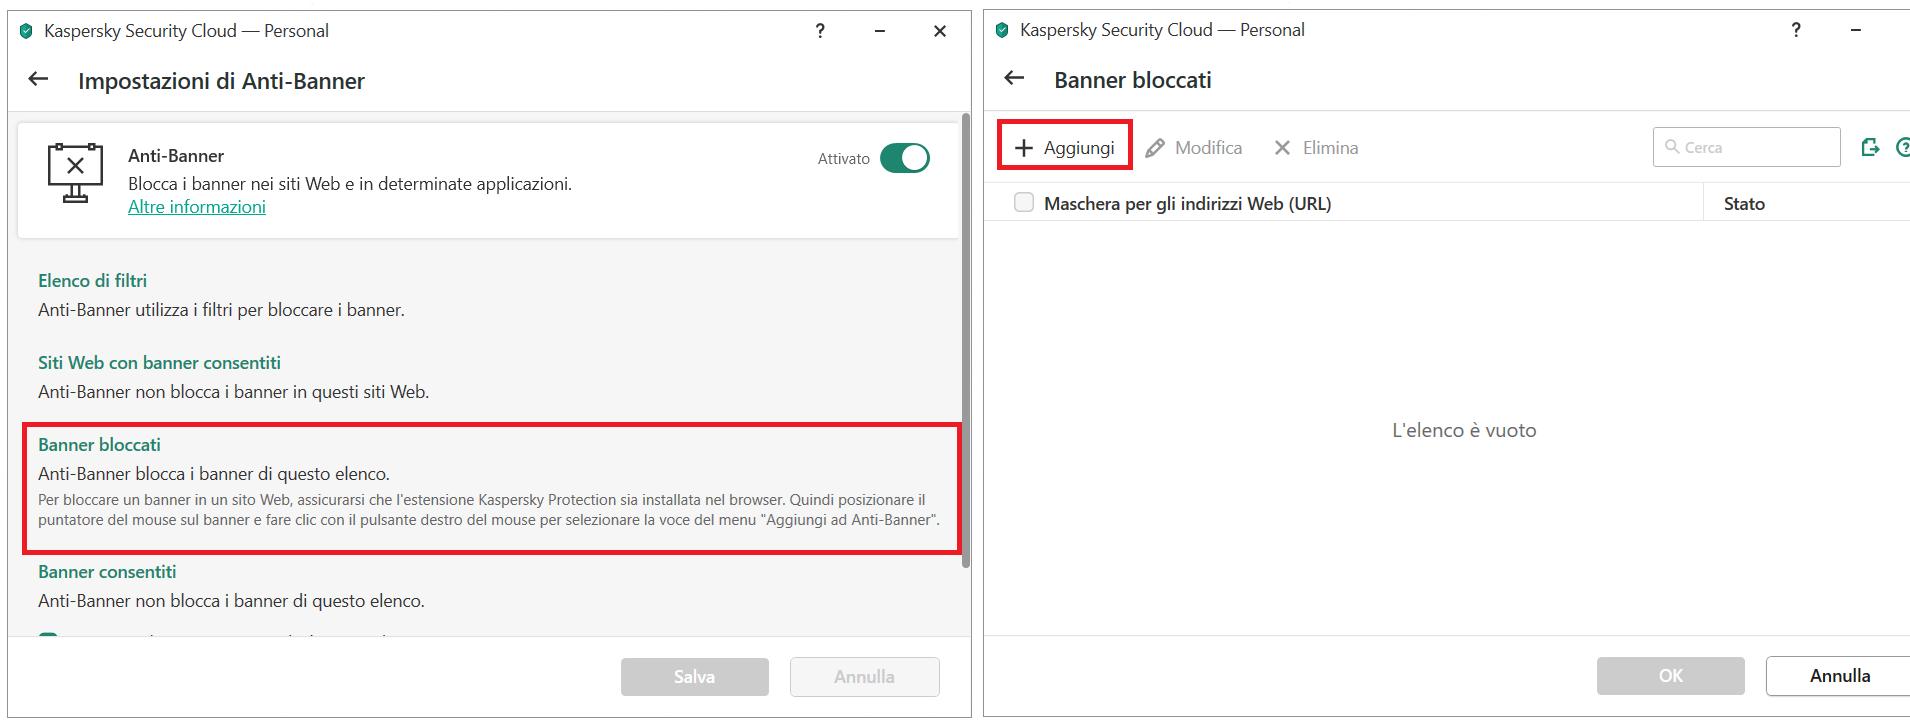 Aggiungere un banner alla lista di blocco su Kaspersky Security Cloud